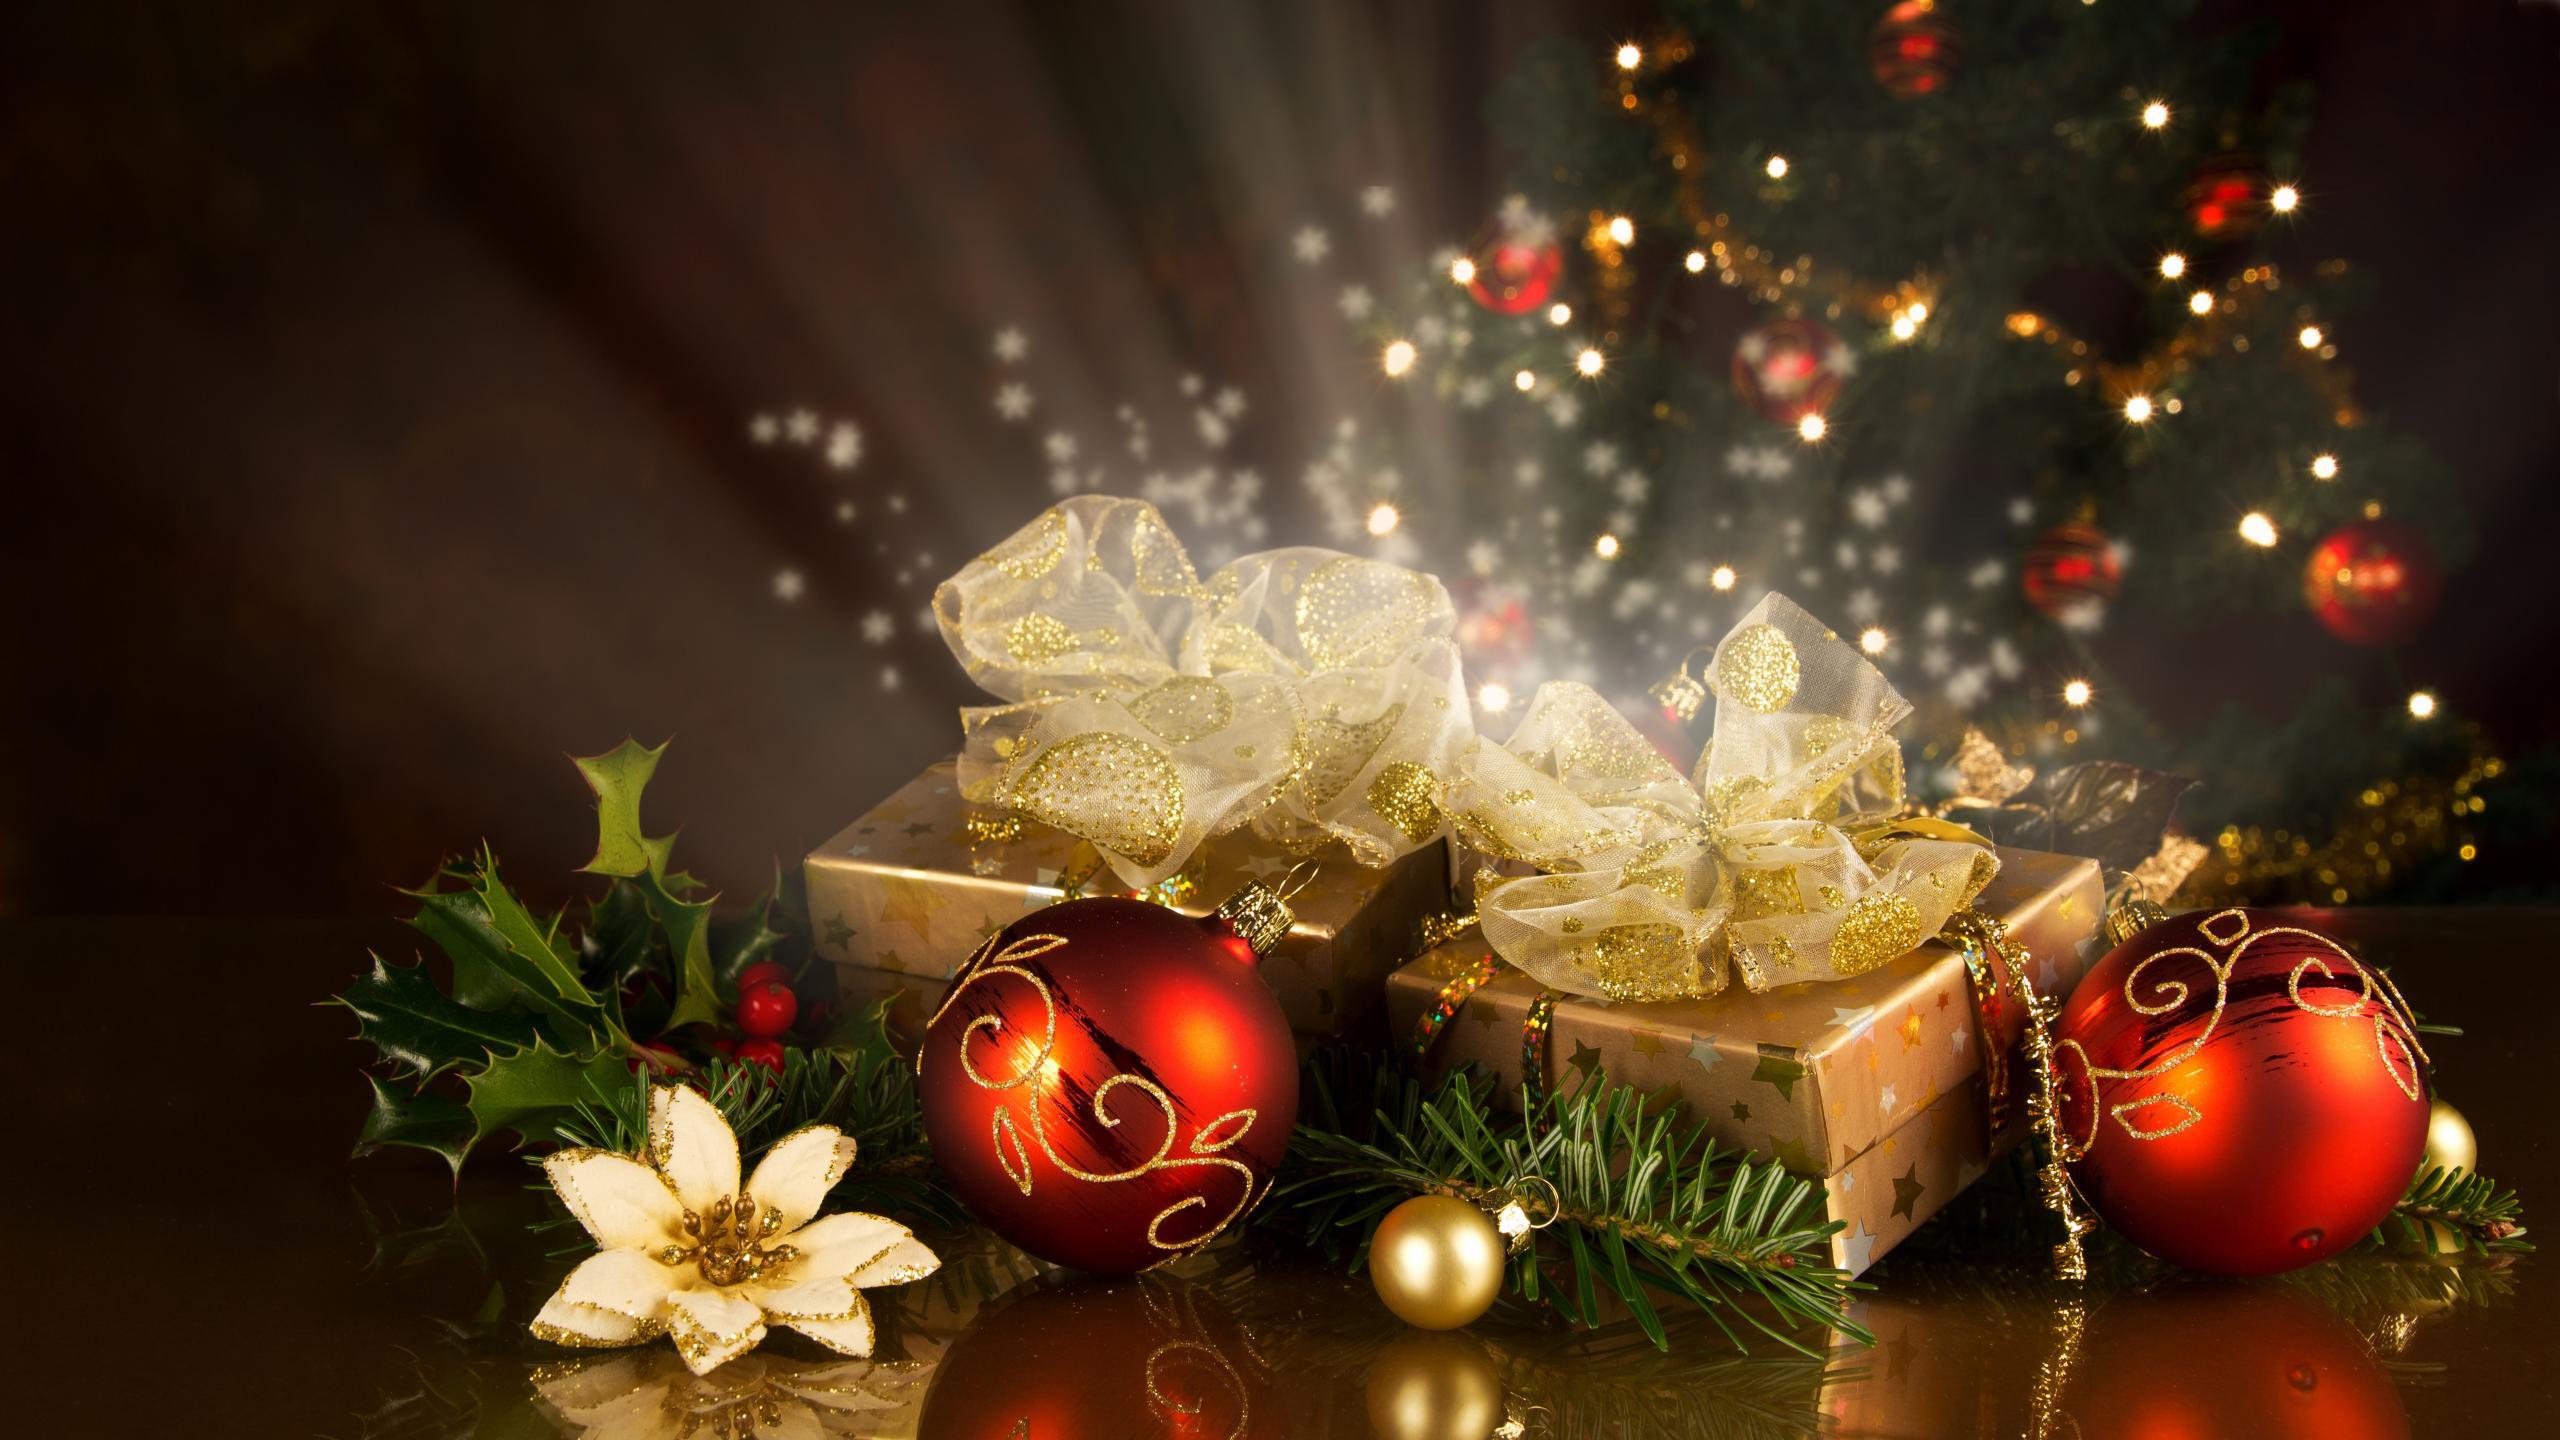 Открыток, фото новогодне открытки